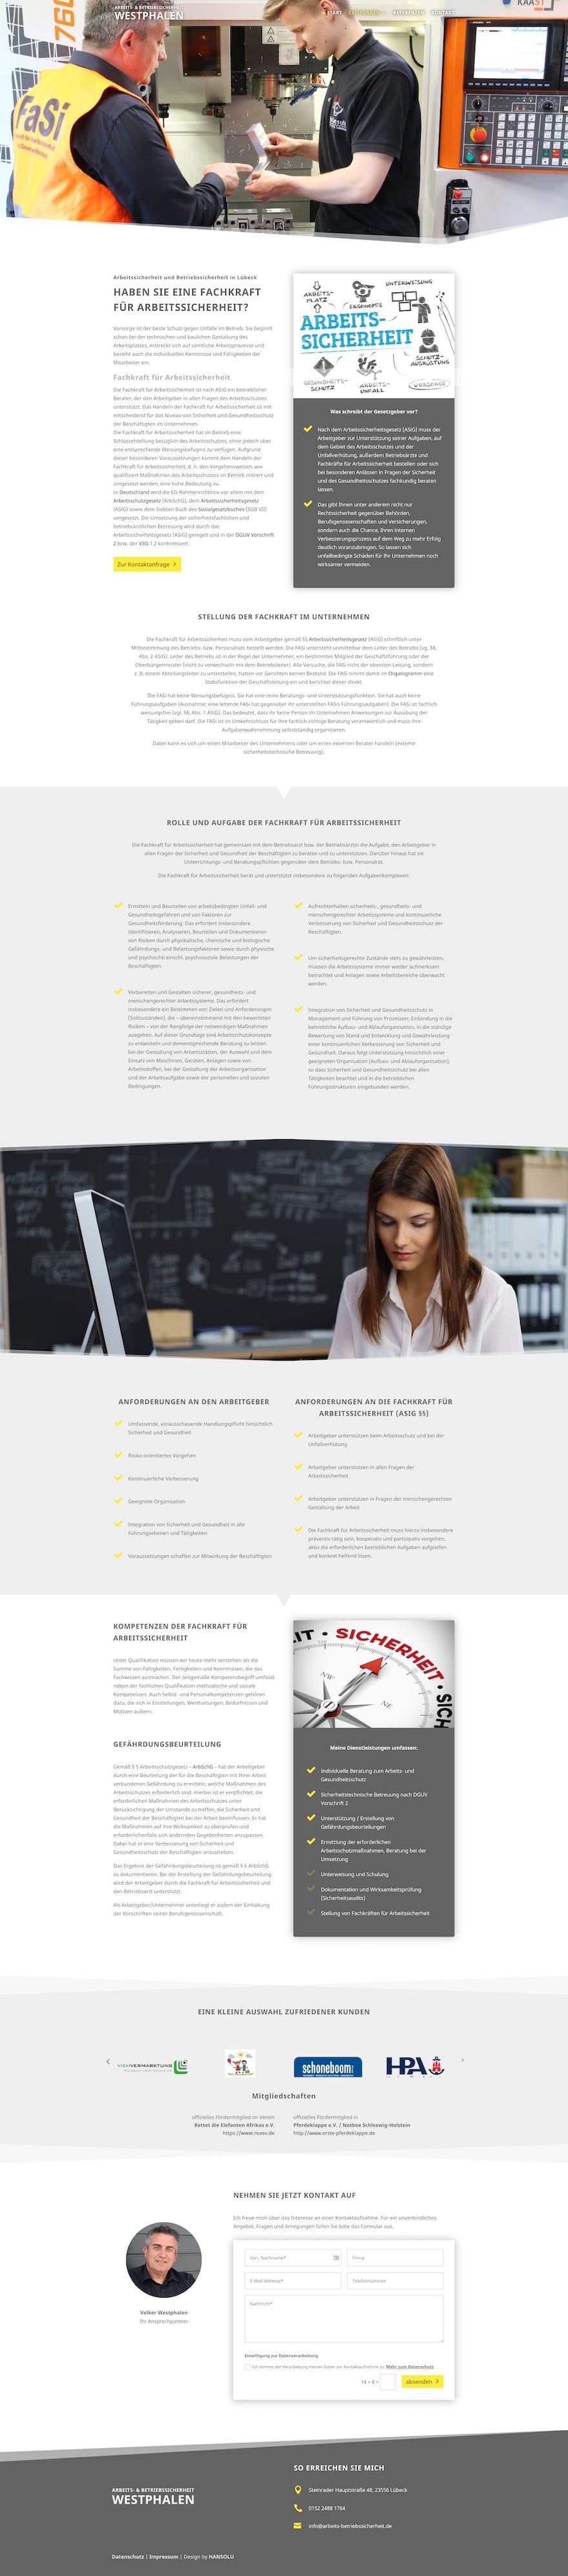 Moderne Website für Berater